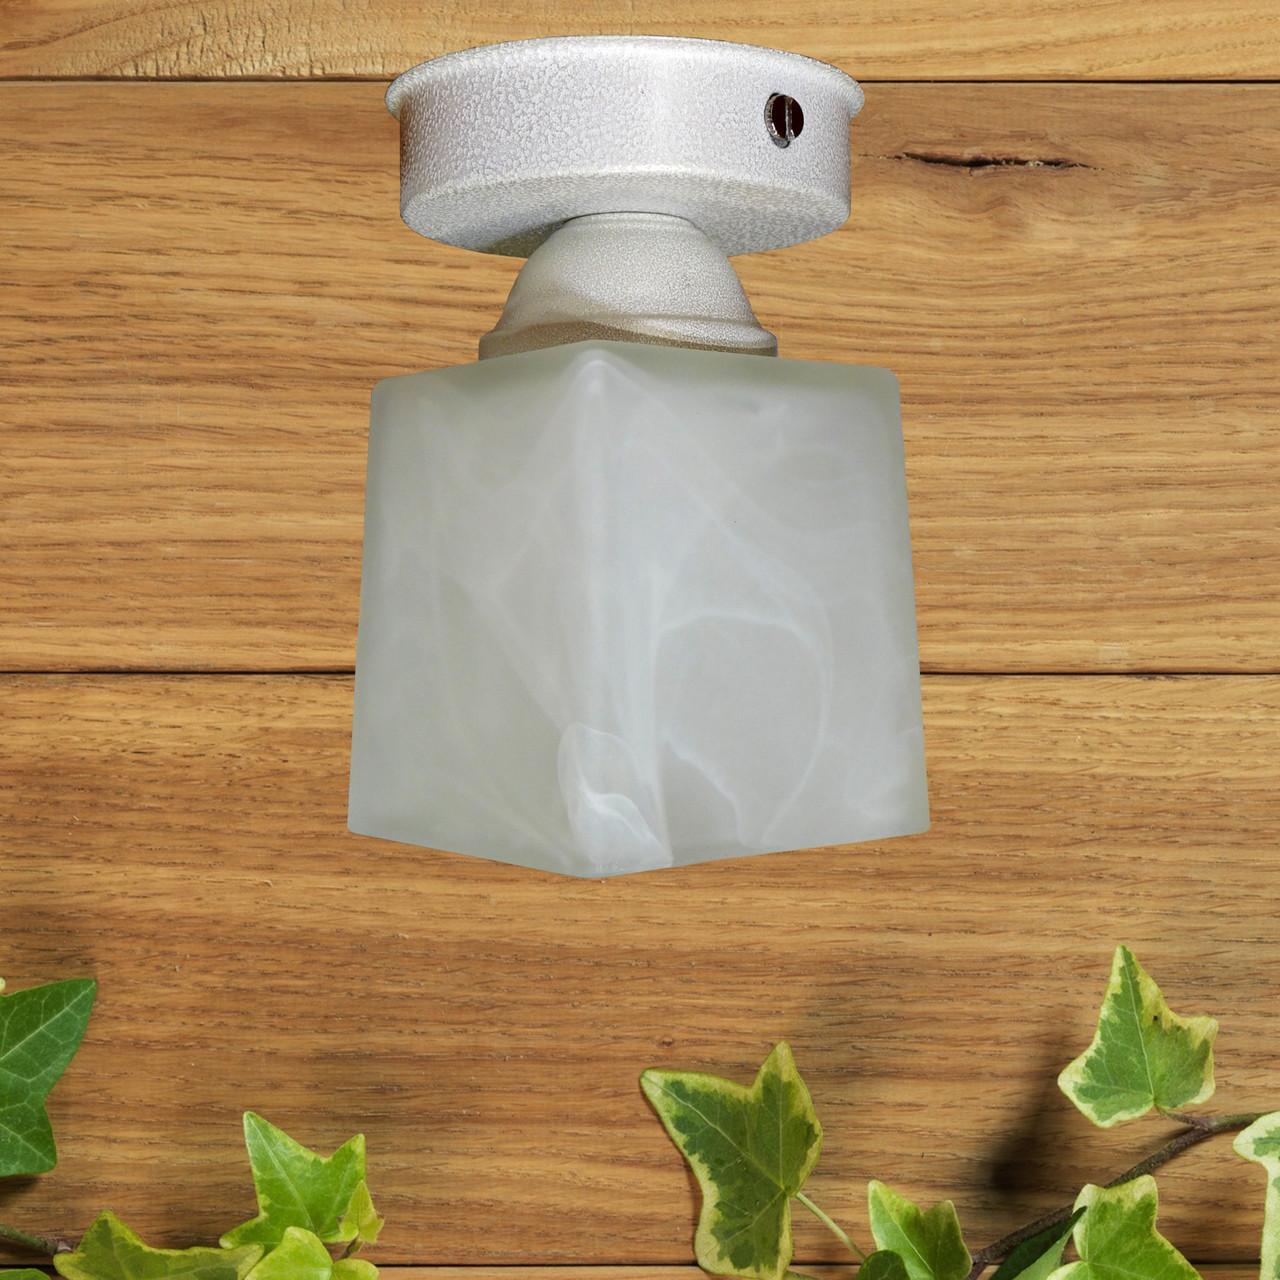 Потолочный светильник, минимализм, стандартный цоколь, белый цвет, квадратный плафон